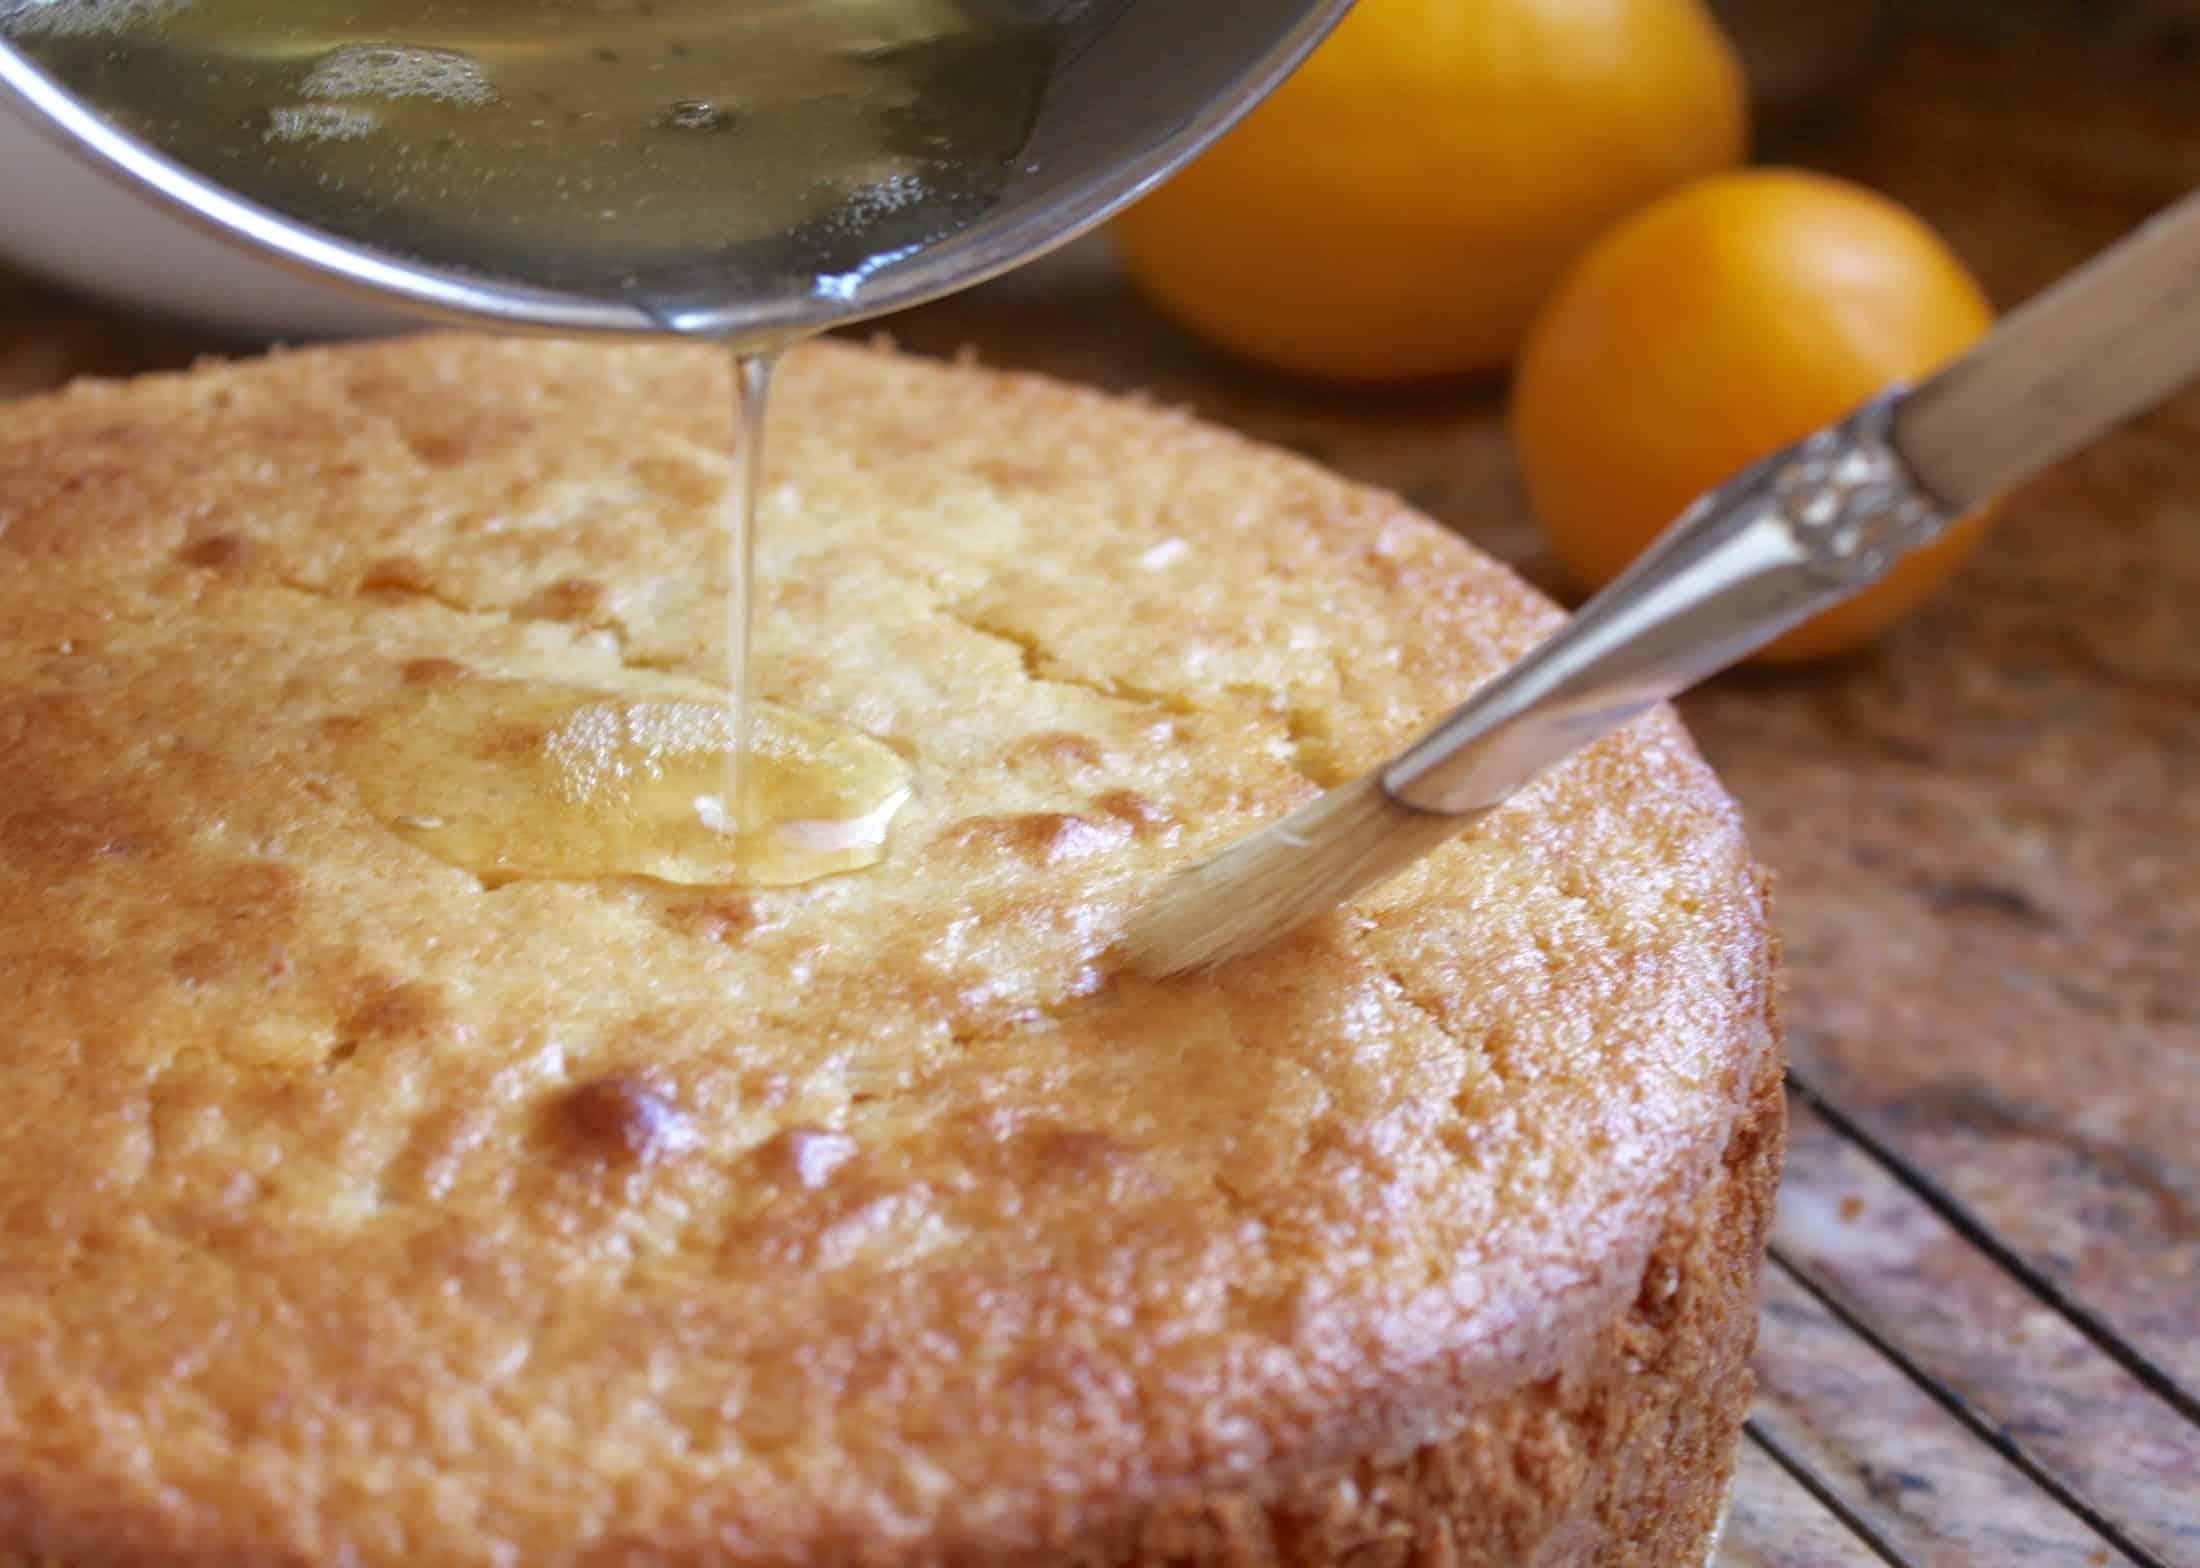 glazing the whole lemon cake